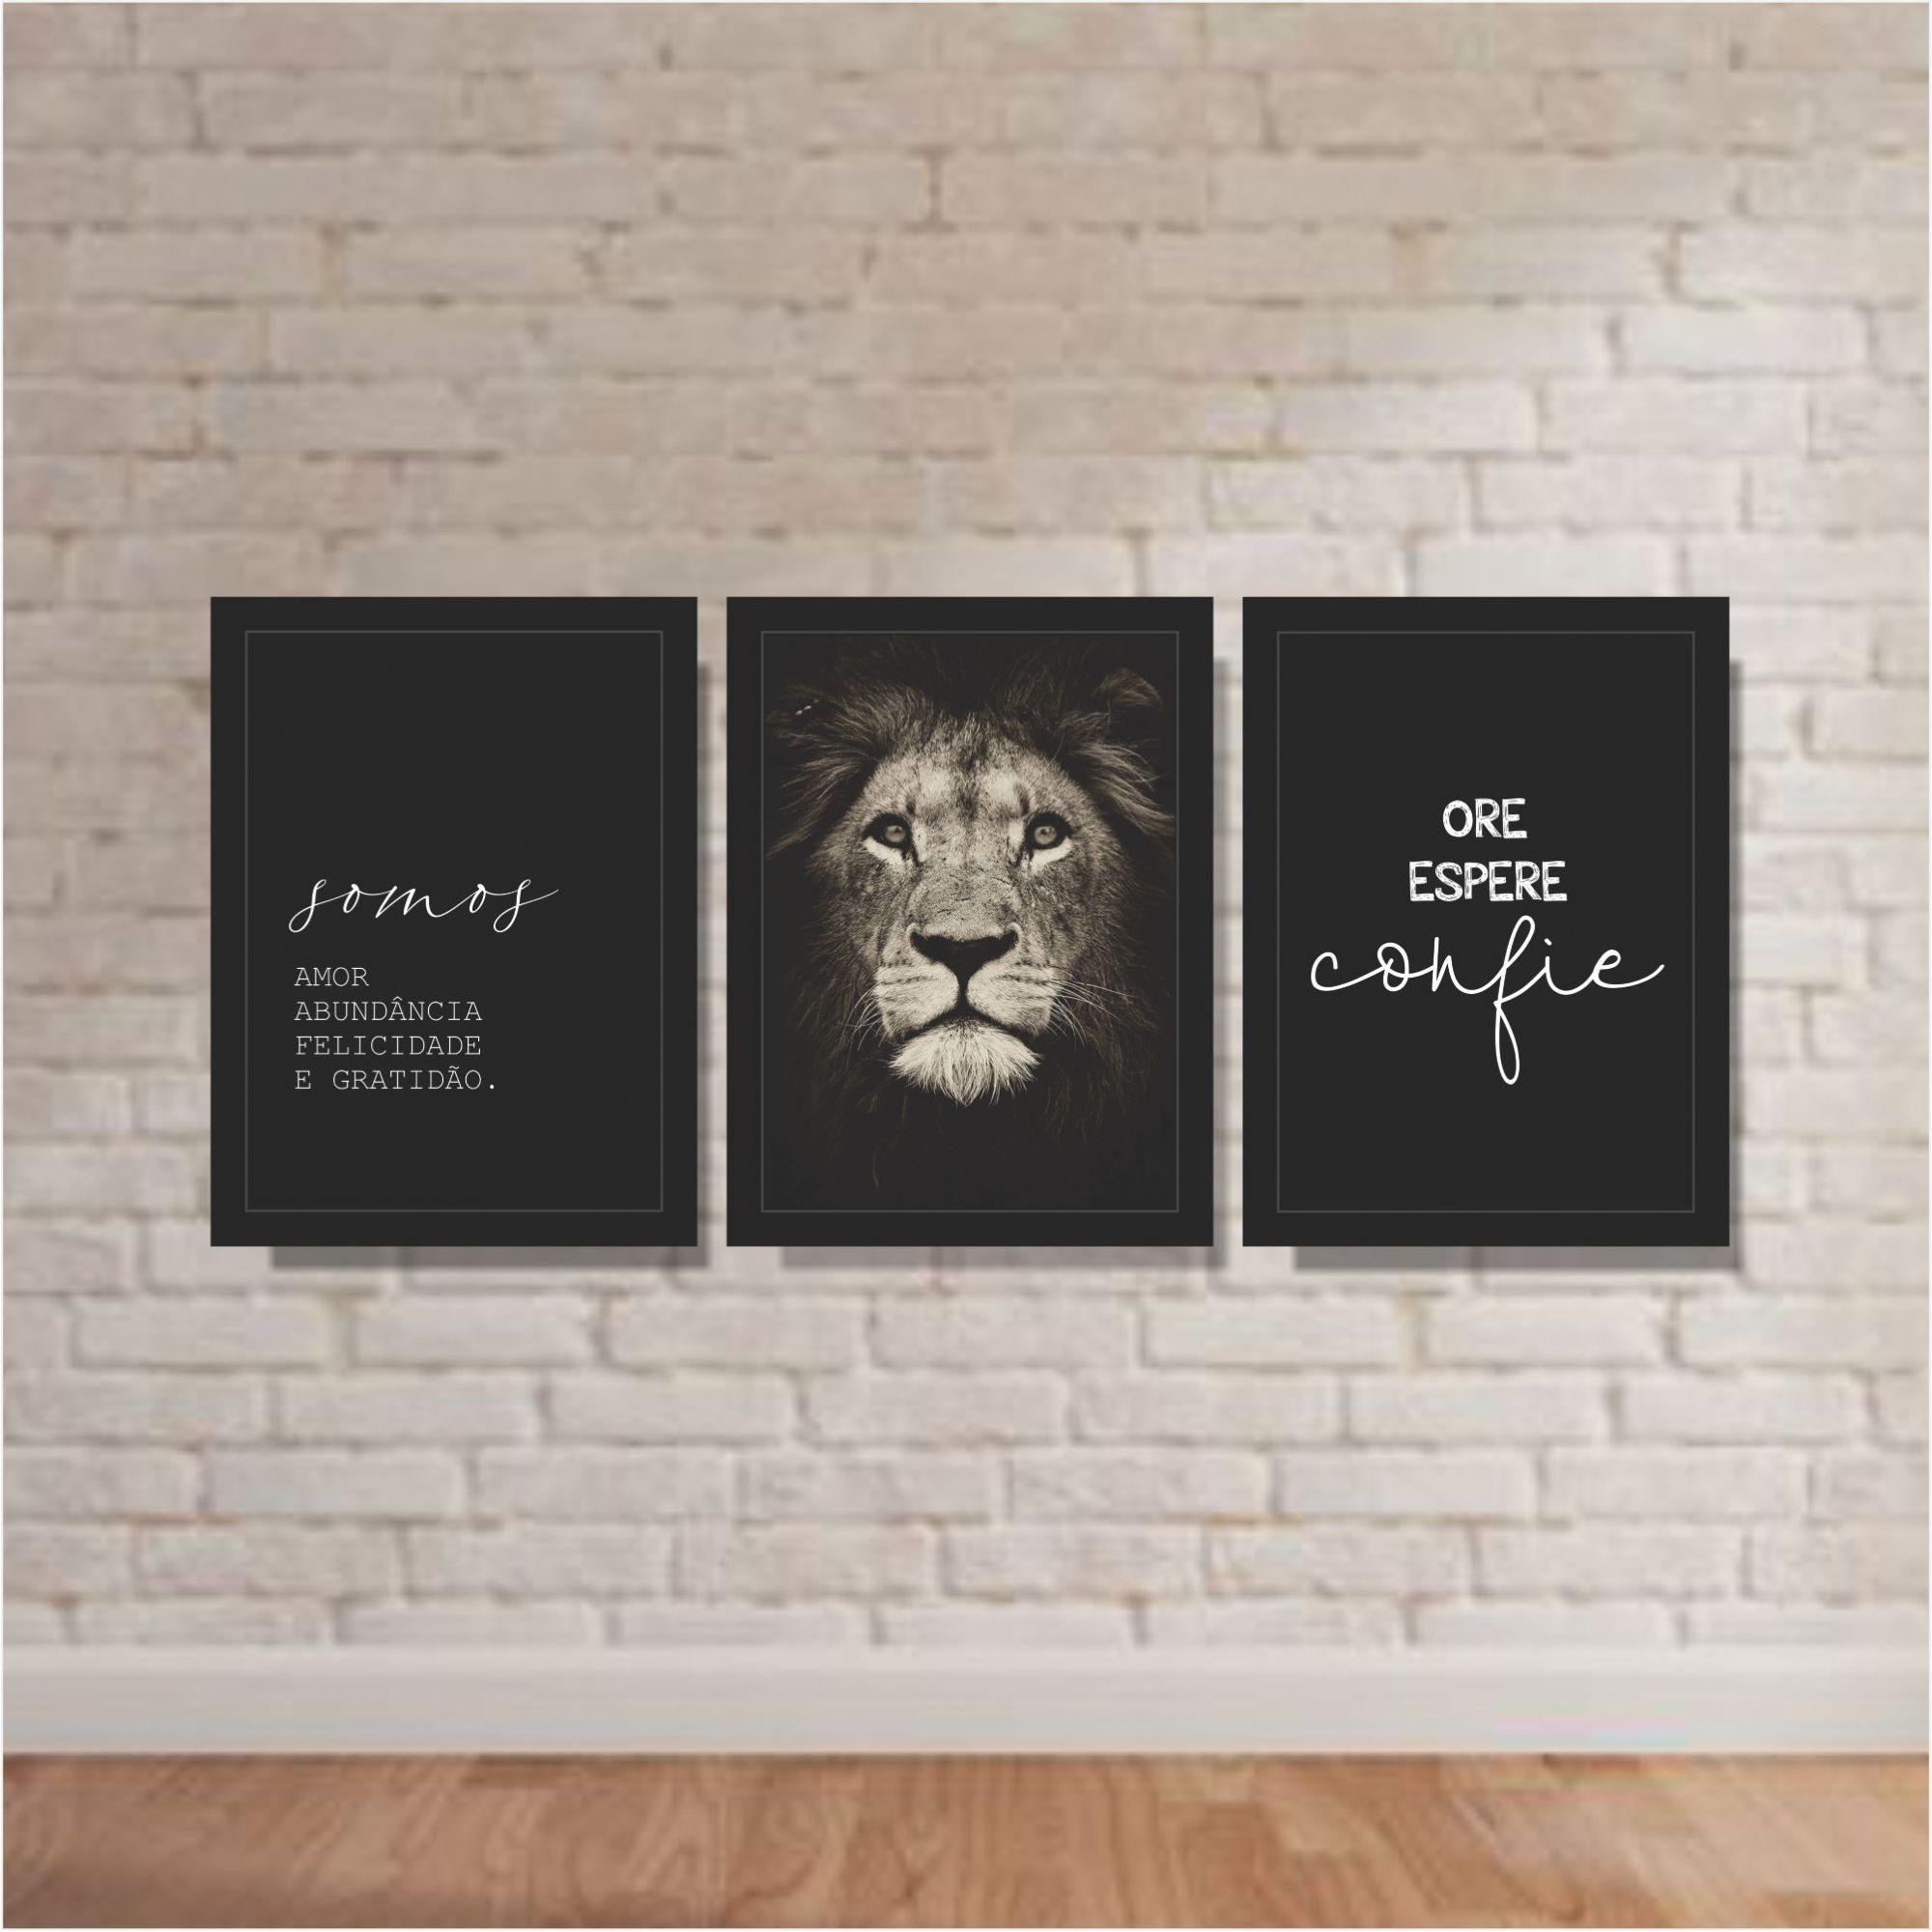 Kit Conjunto de Quadros Para Sala -  Somos amor / Leão / Ore